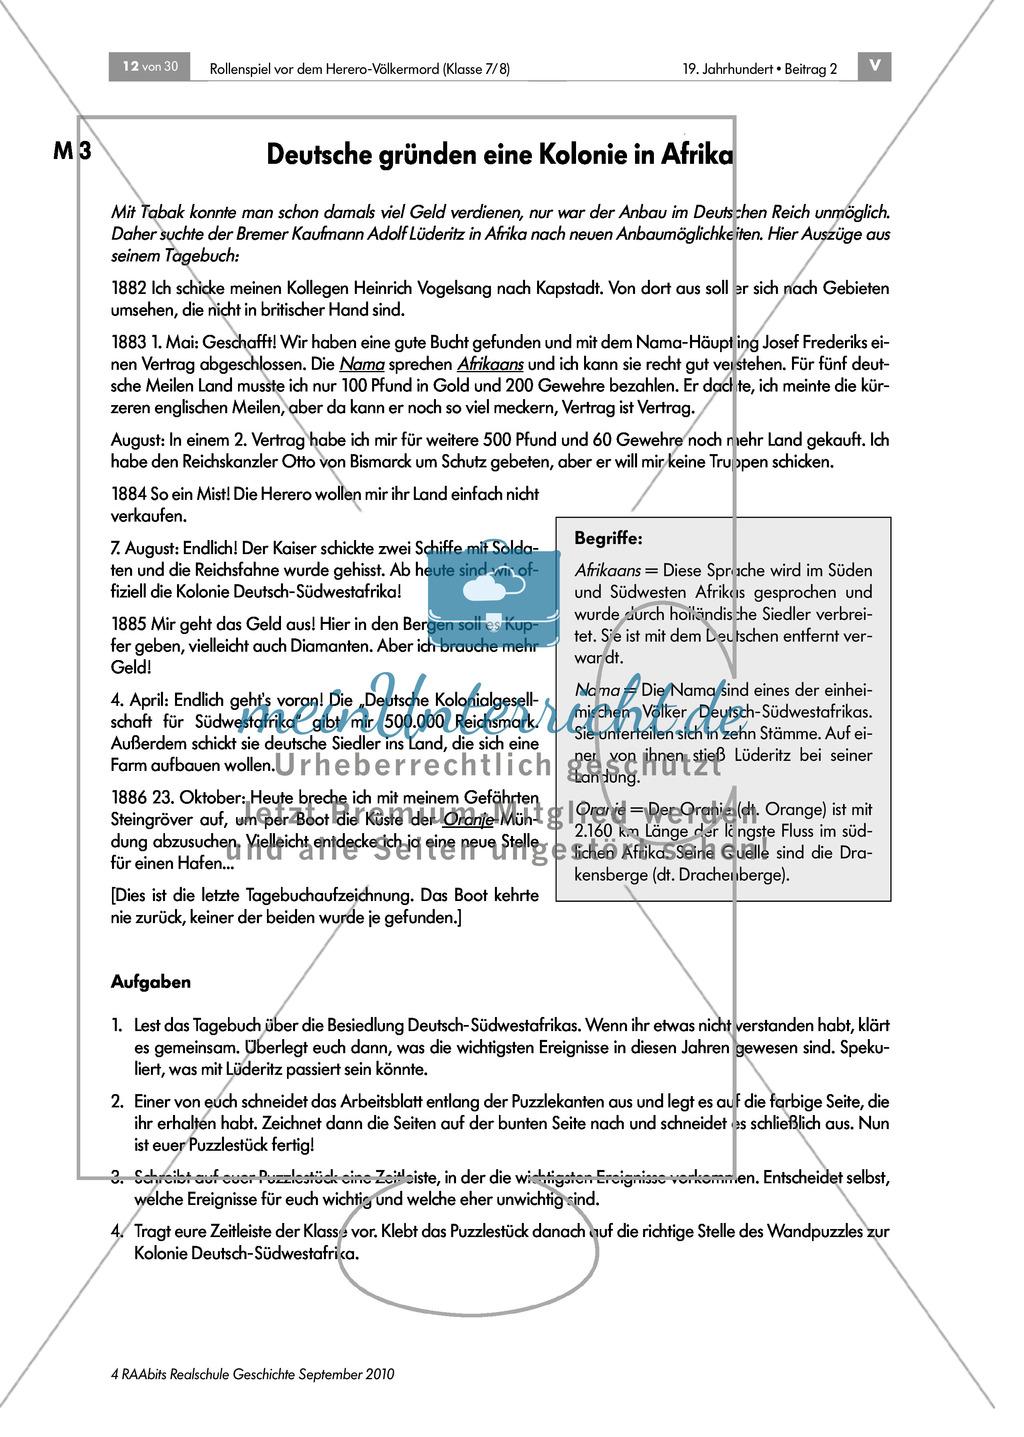 Deutsche Kolonialherren und afrikanische Ureinwohner: Die Geschichte der Kolonie Deutsch-Südwestafrika in Gruppen erarbeiten und als Puzzle zusammensetzen und präsentieren Preview 3